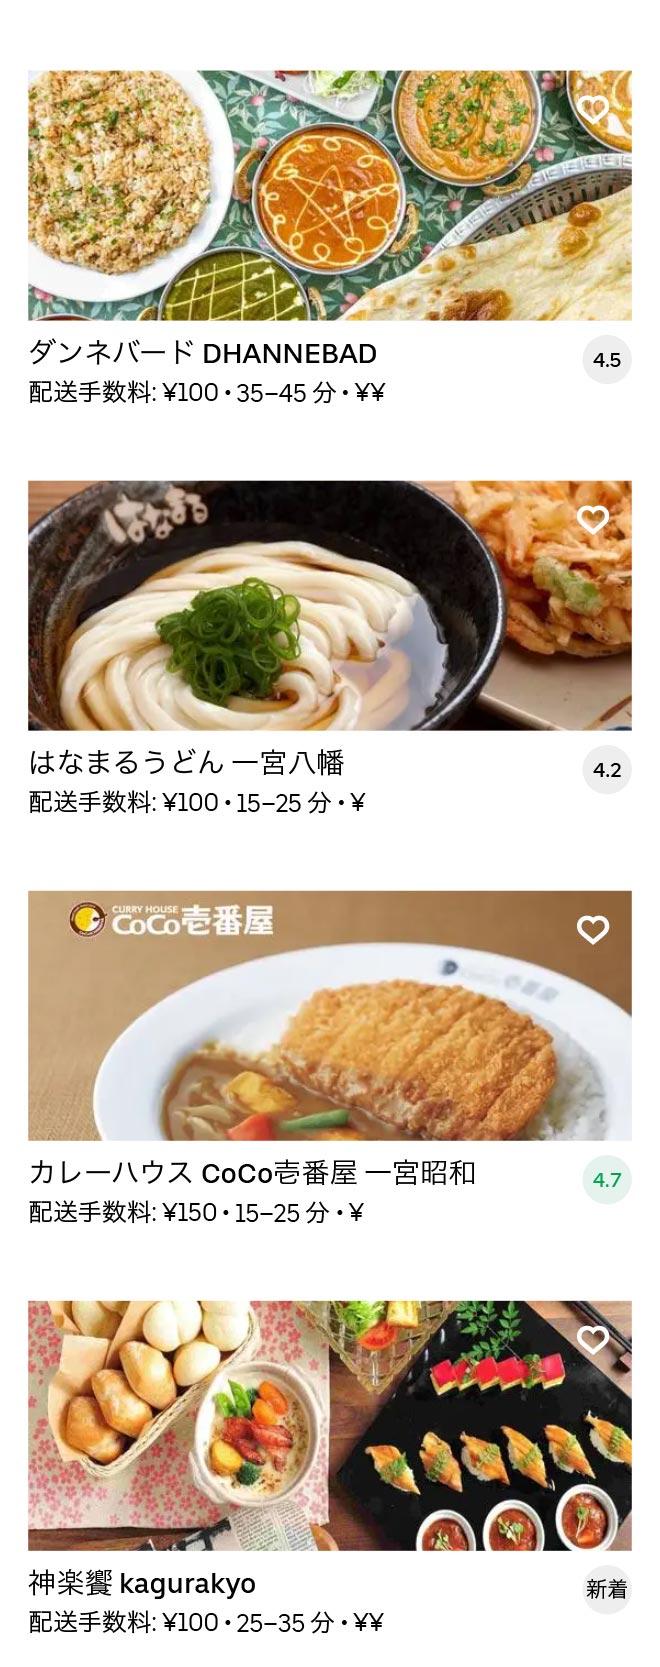 Ichinomiya menu 2010 03